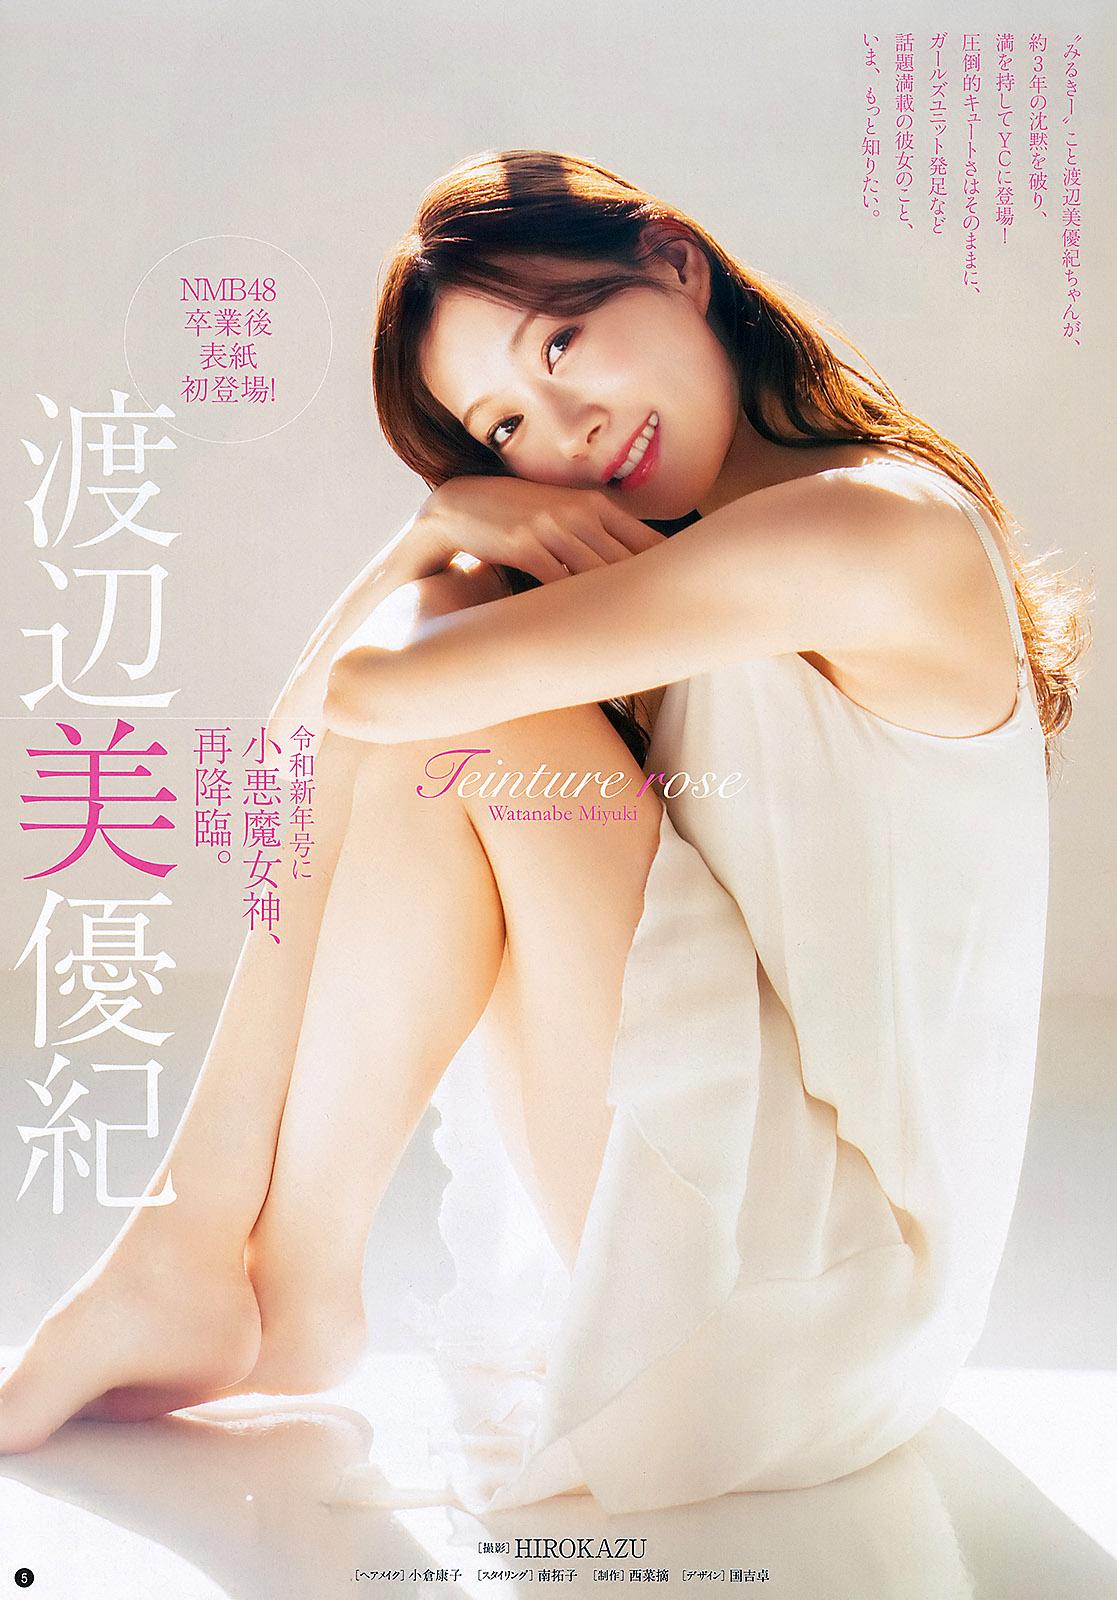 MWatanabe Young Champion 200128 04.jpg